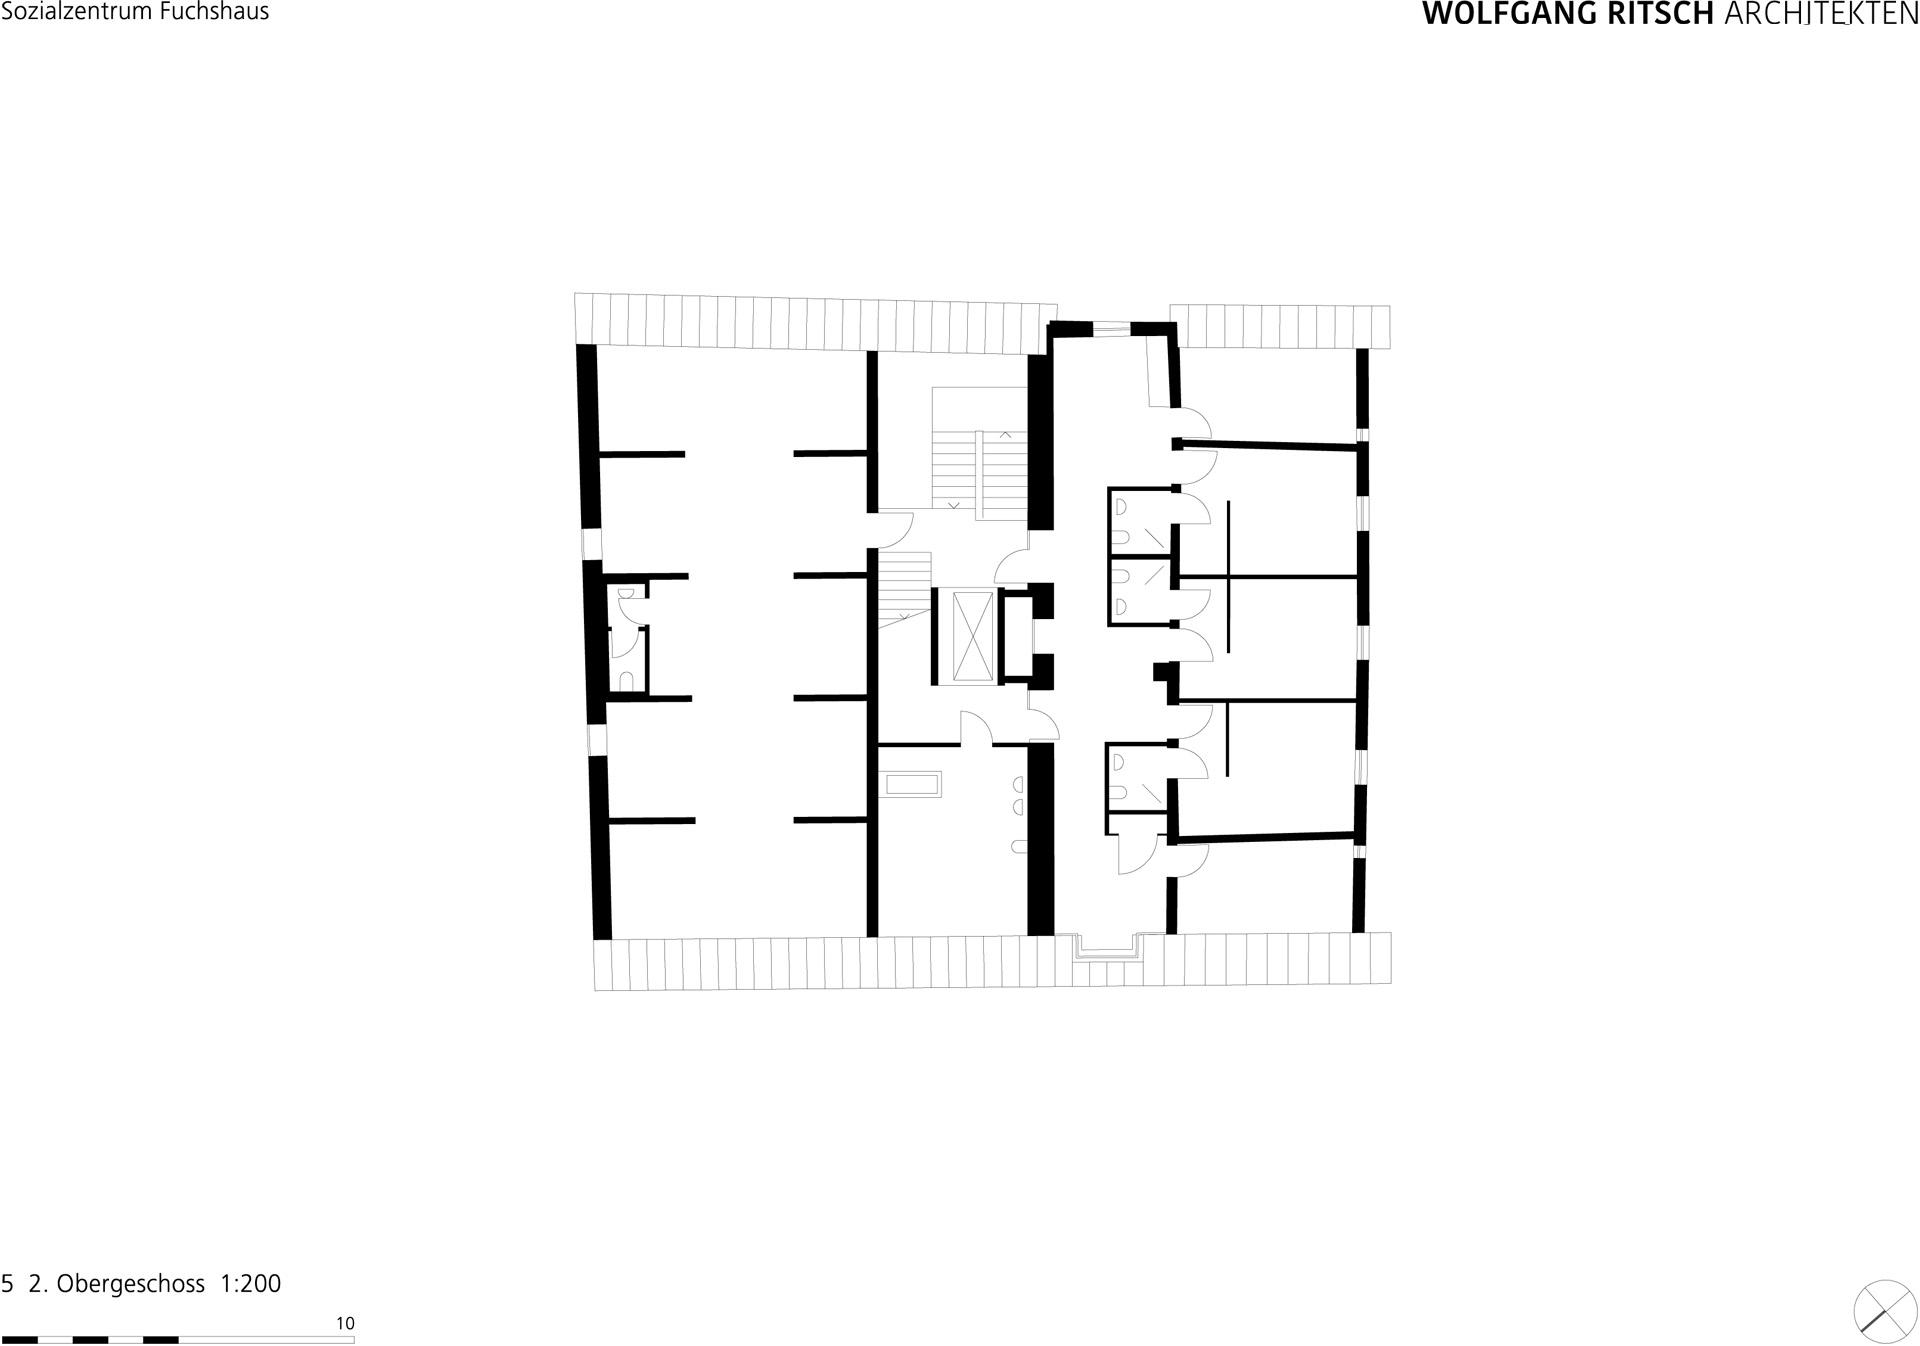 X:PROJEKTE70002750 Fuchshaus2-PUBLIPLAN20-dwg905_2 Oberges